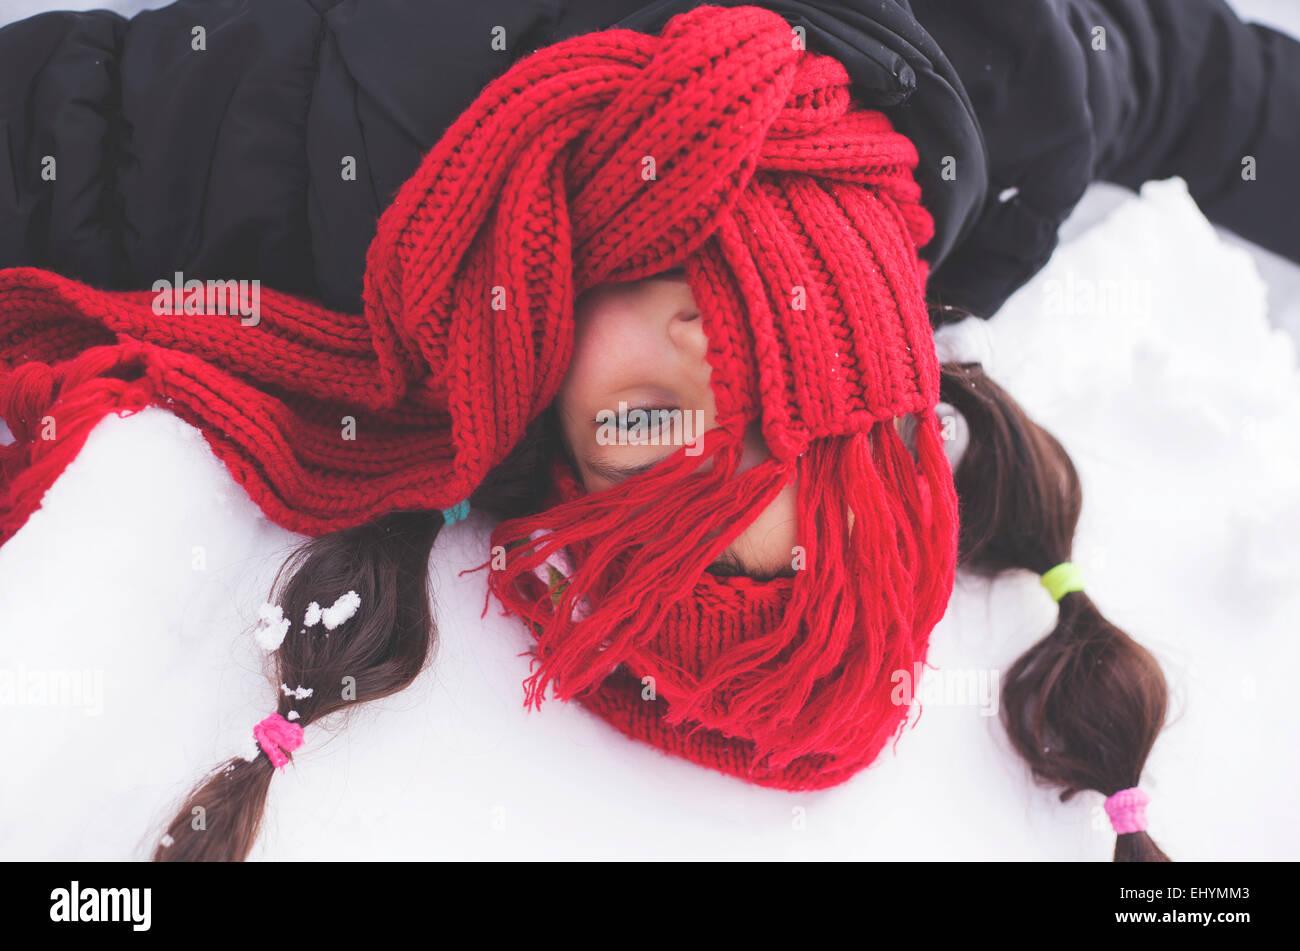 Ragazza con sciarpa rossa che ricopre la faccia che giace nella neve Immagini Stock